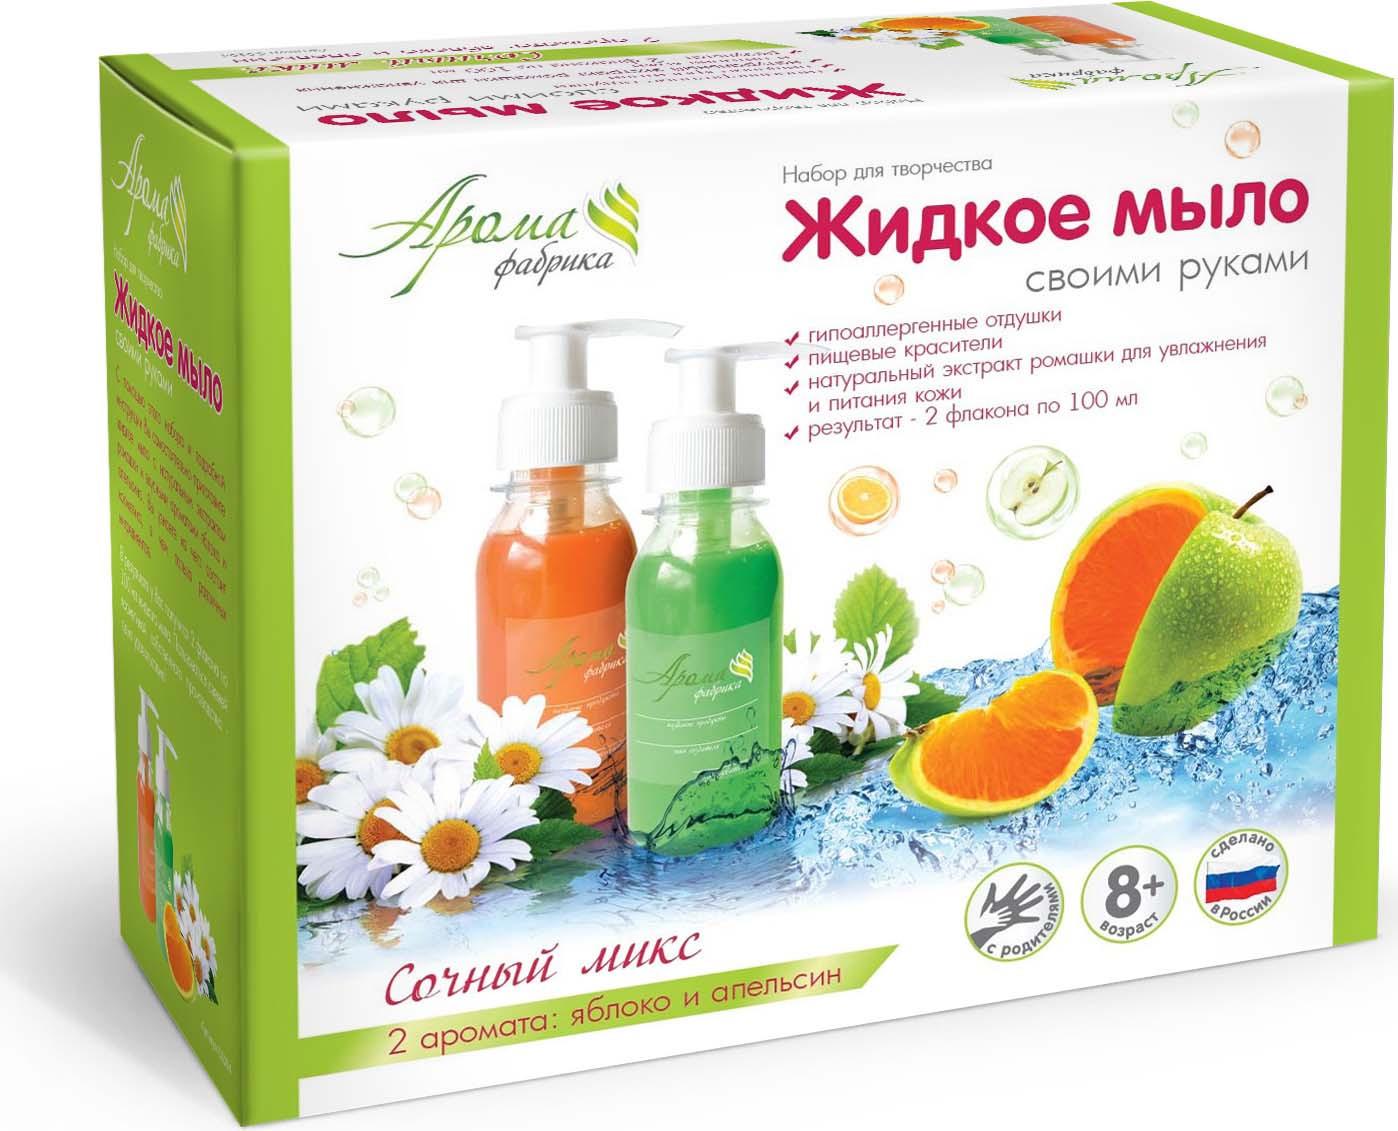 Набор для мыловарения Аромафабрика Сочный микс, С0304 инновации для детей набор мыльная мастерская тропический микс